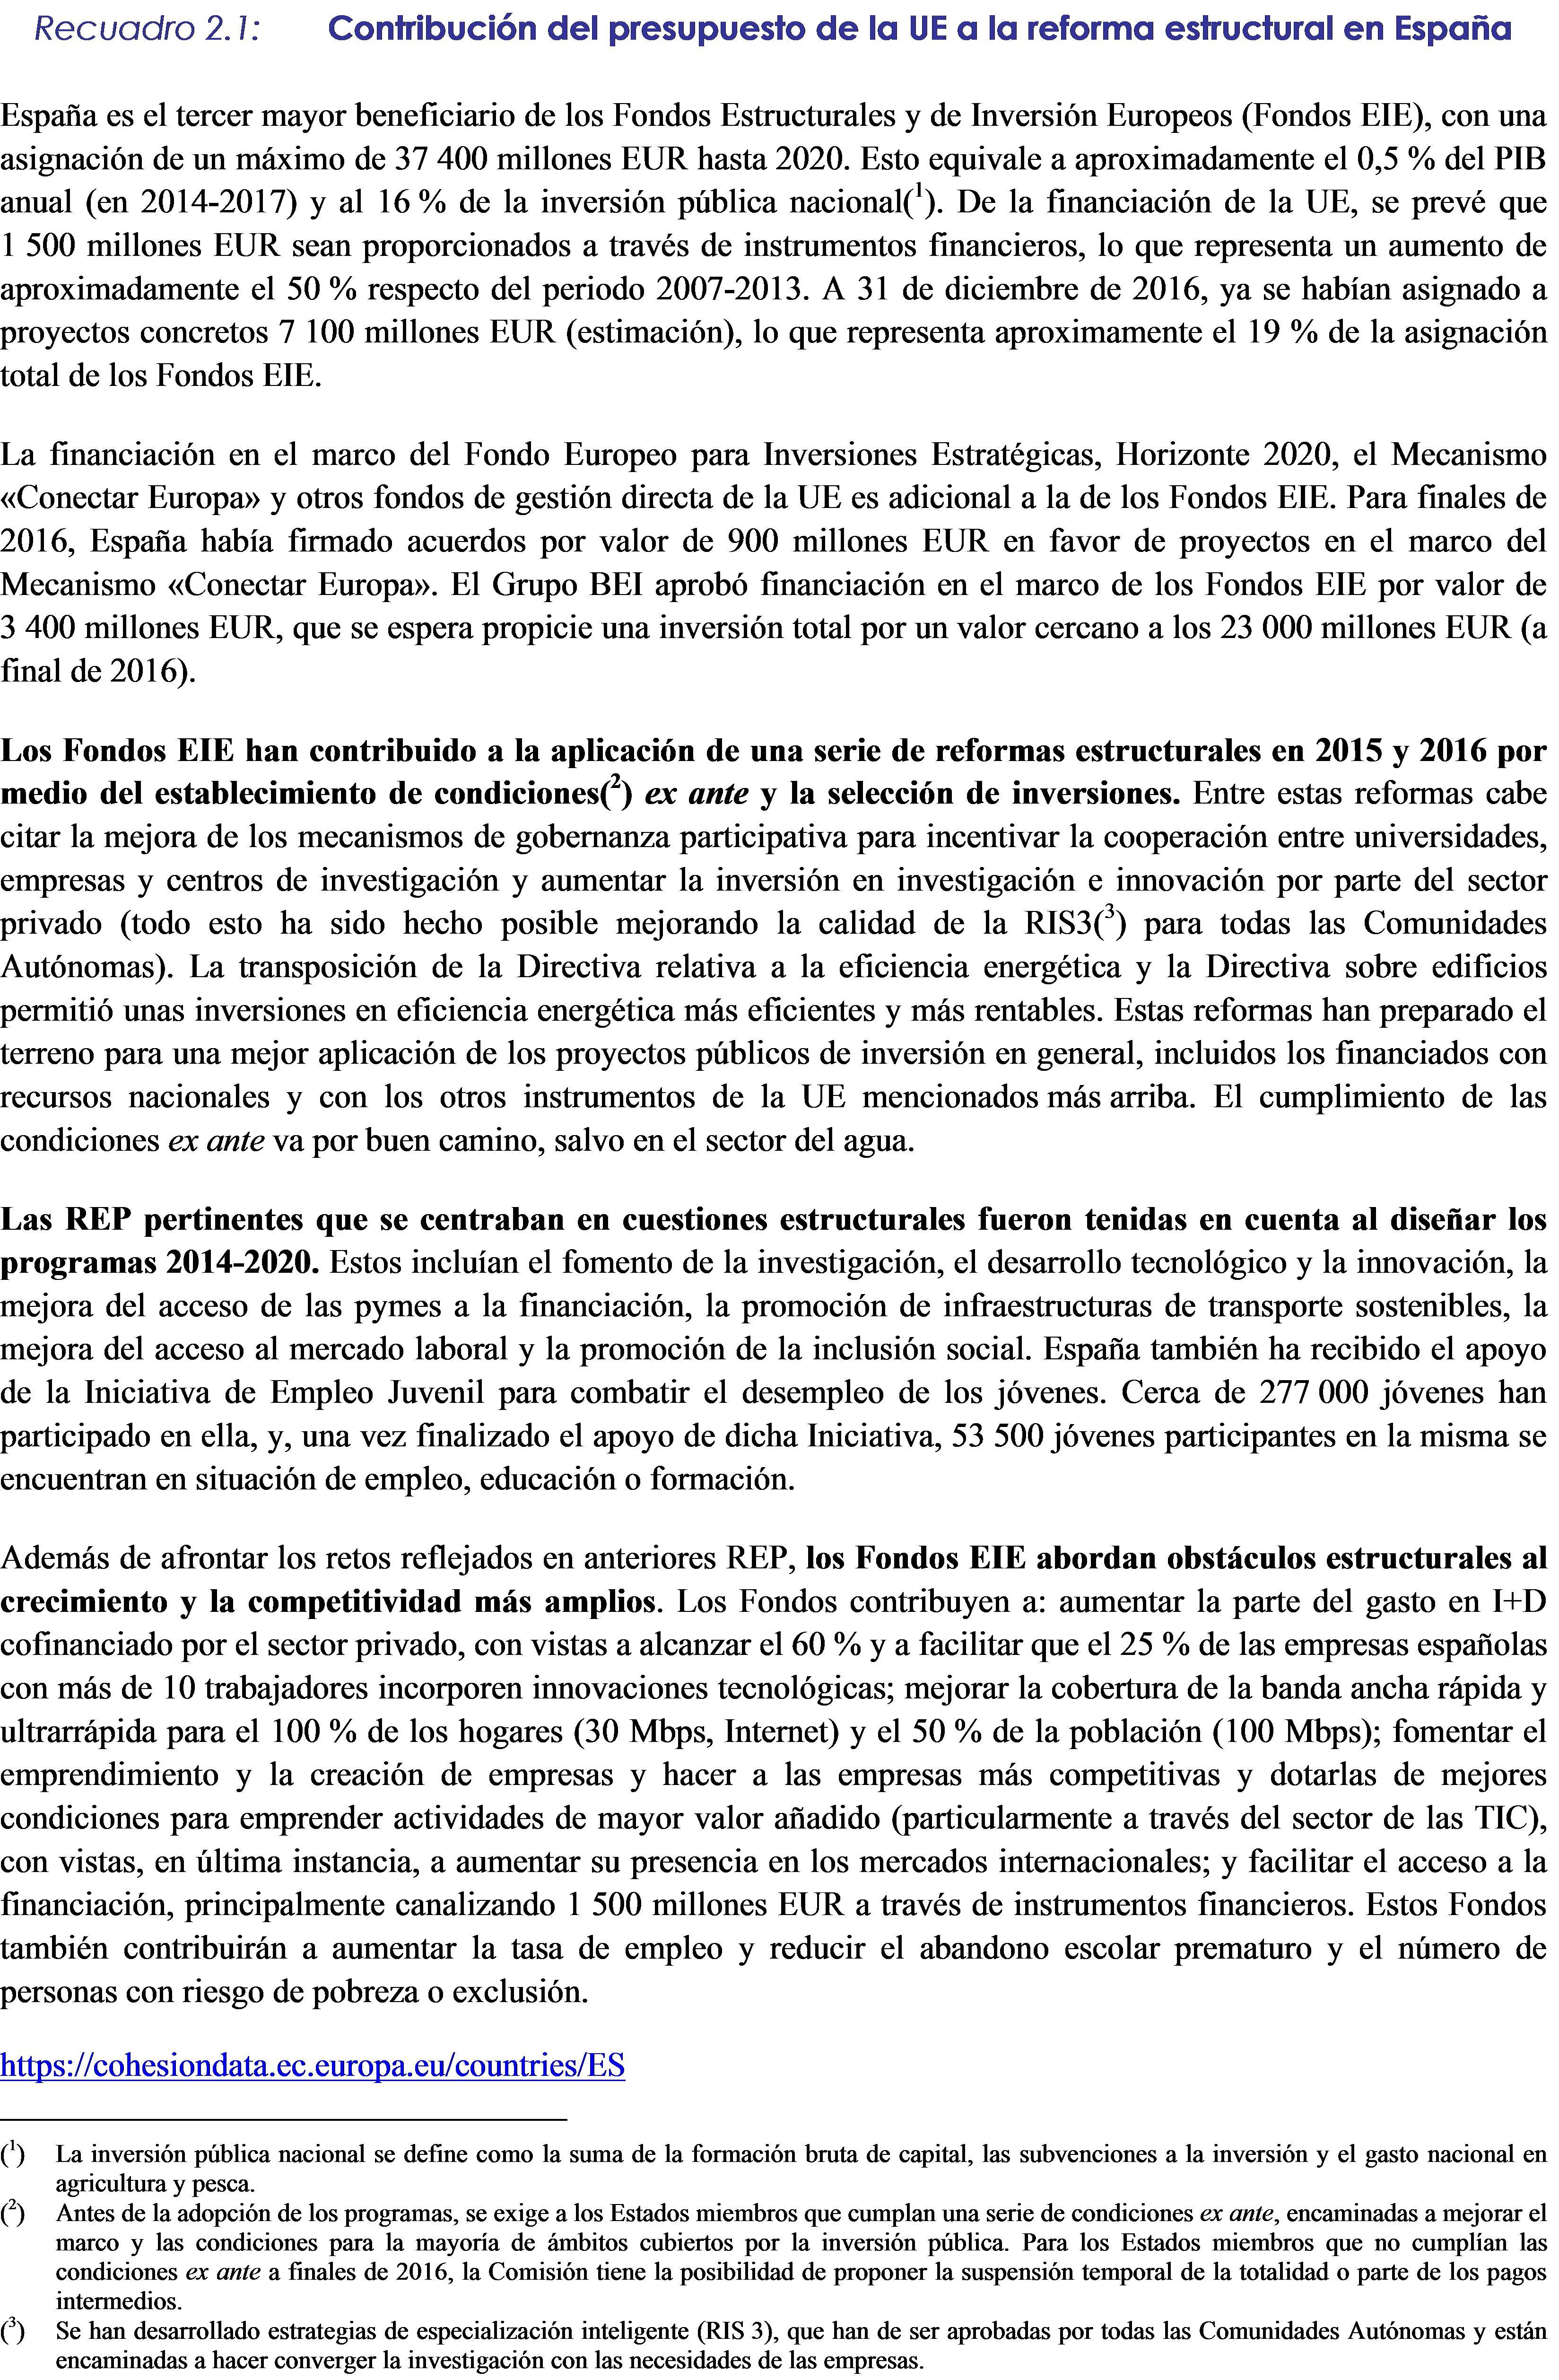 EUR-Lex - 52017SC0074 - EN - EUR-Lex